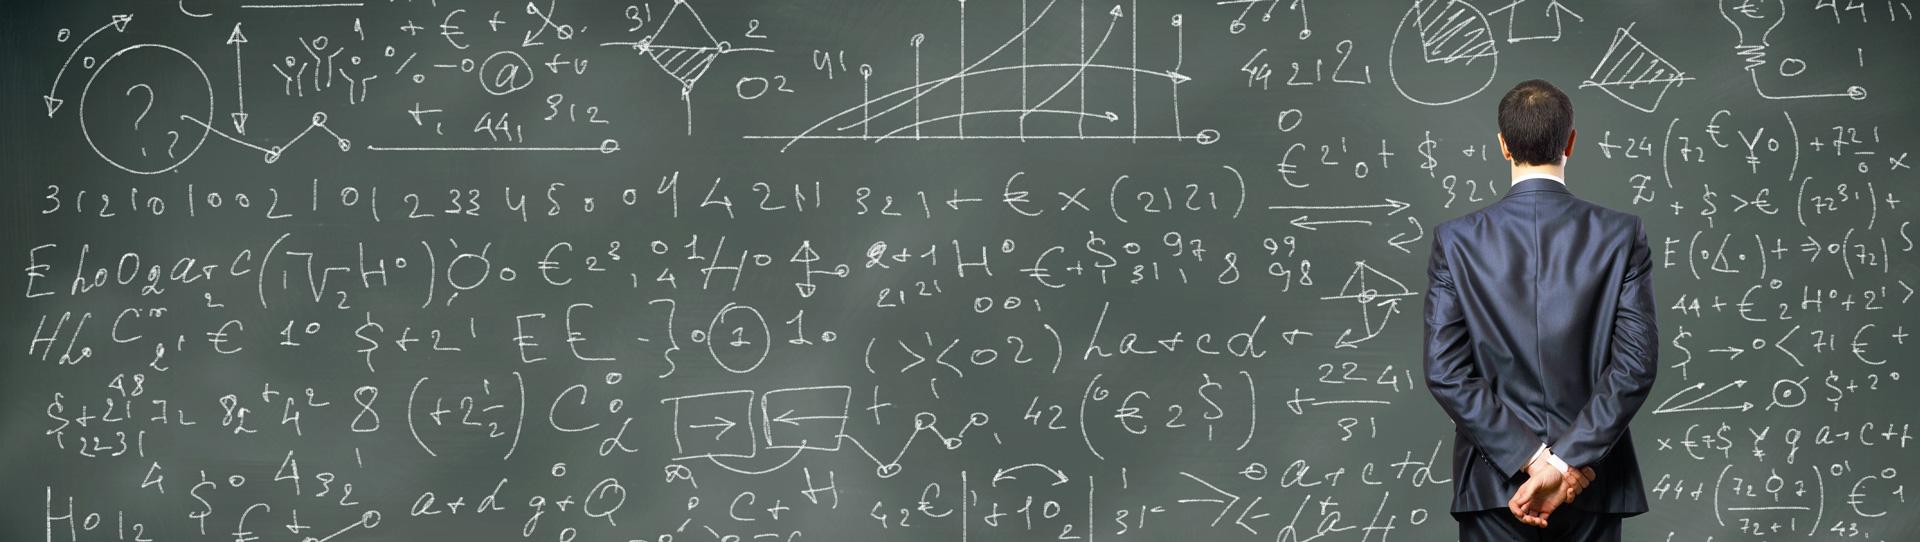 Empresario ante una pizarra llena de fórmulas y gráficas